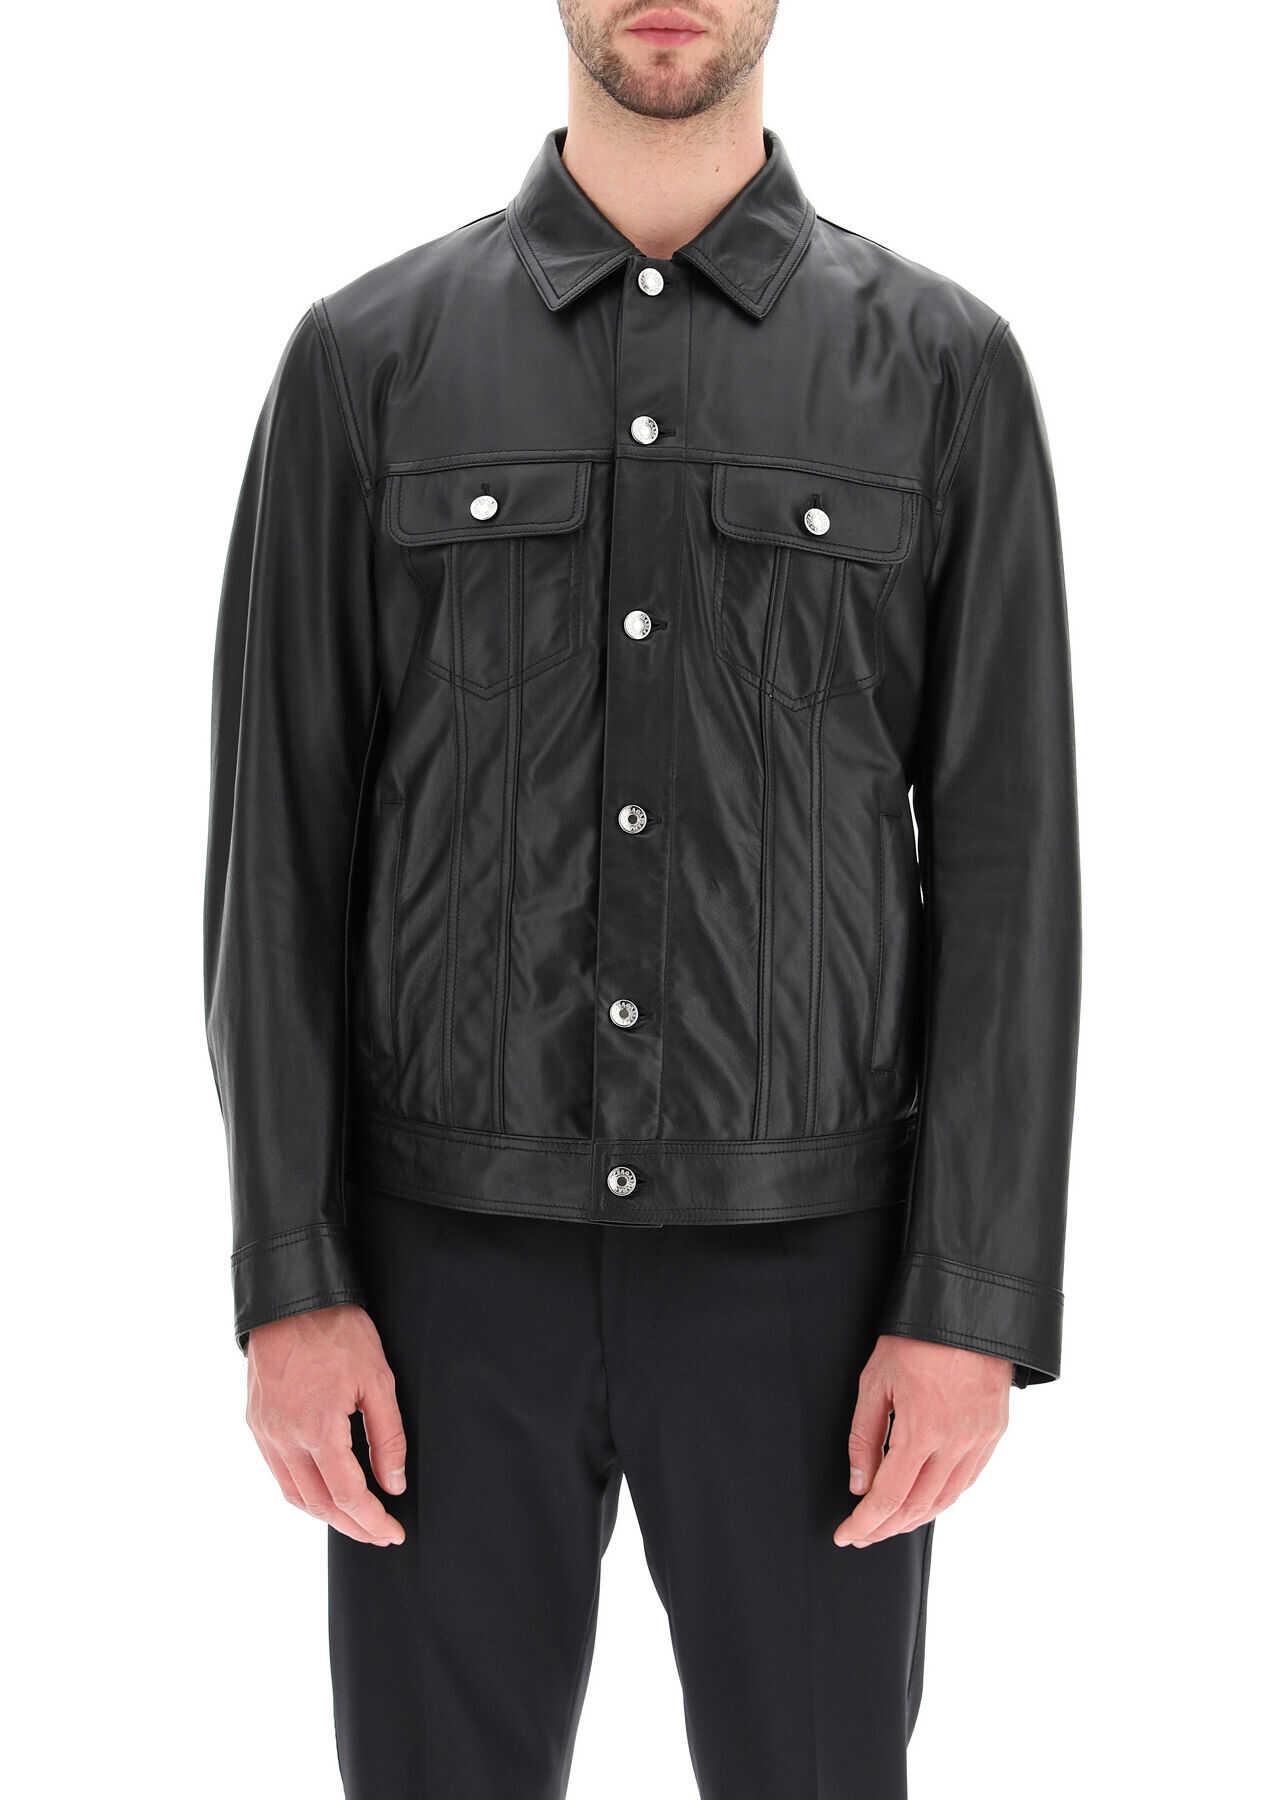 Dolce & Gabbana Leather Jacket NERO imagine